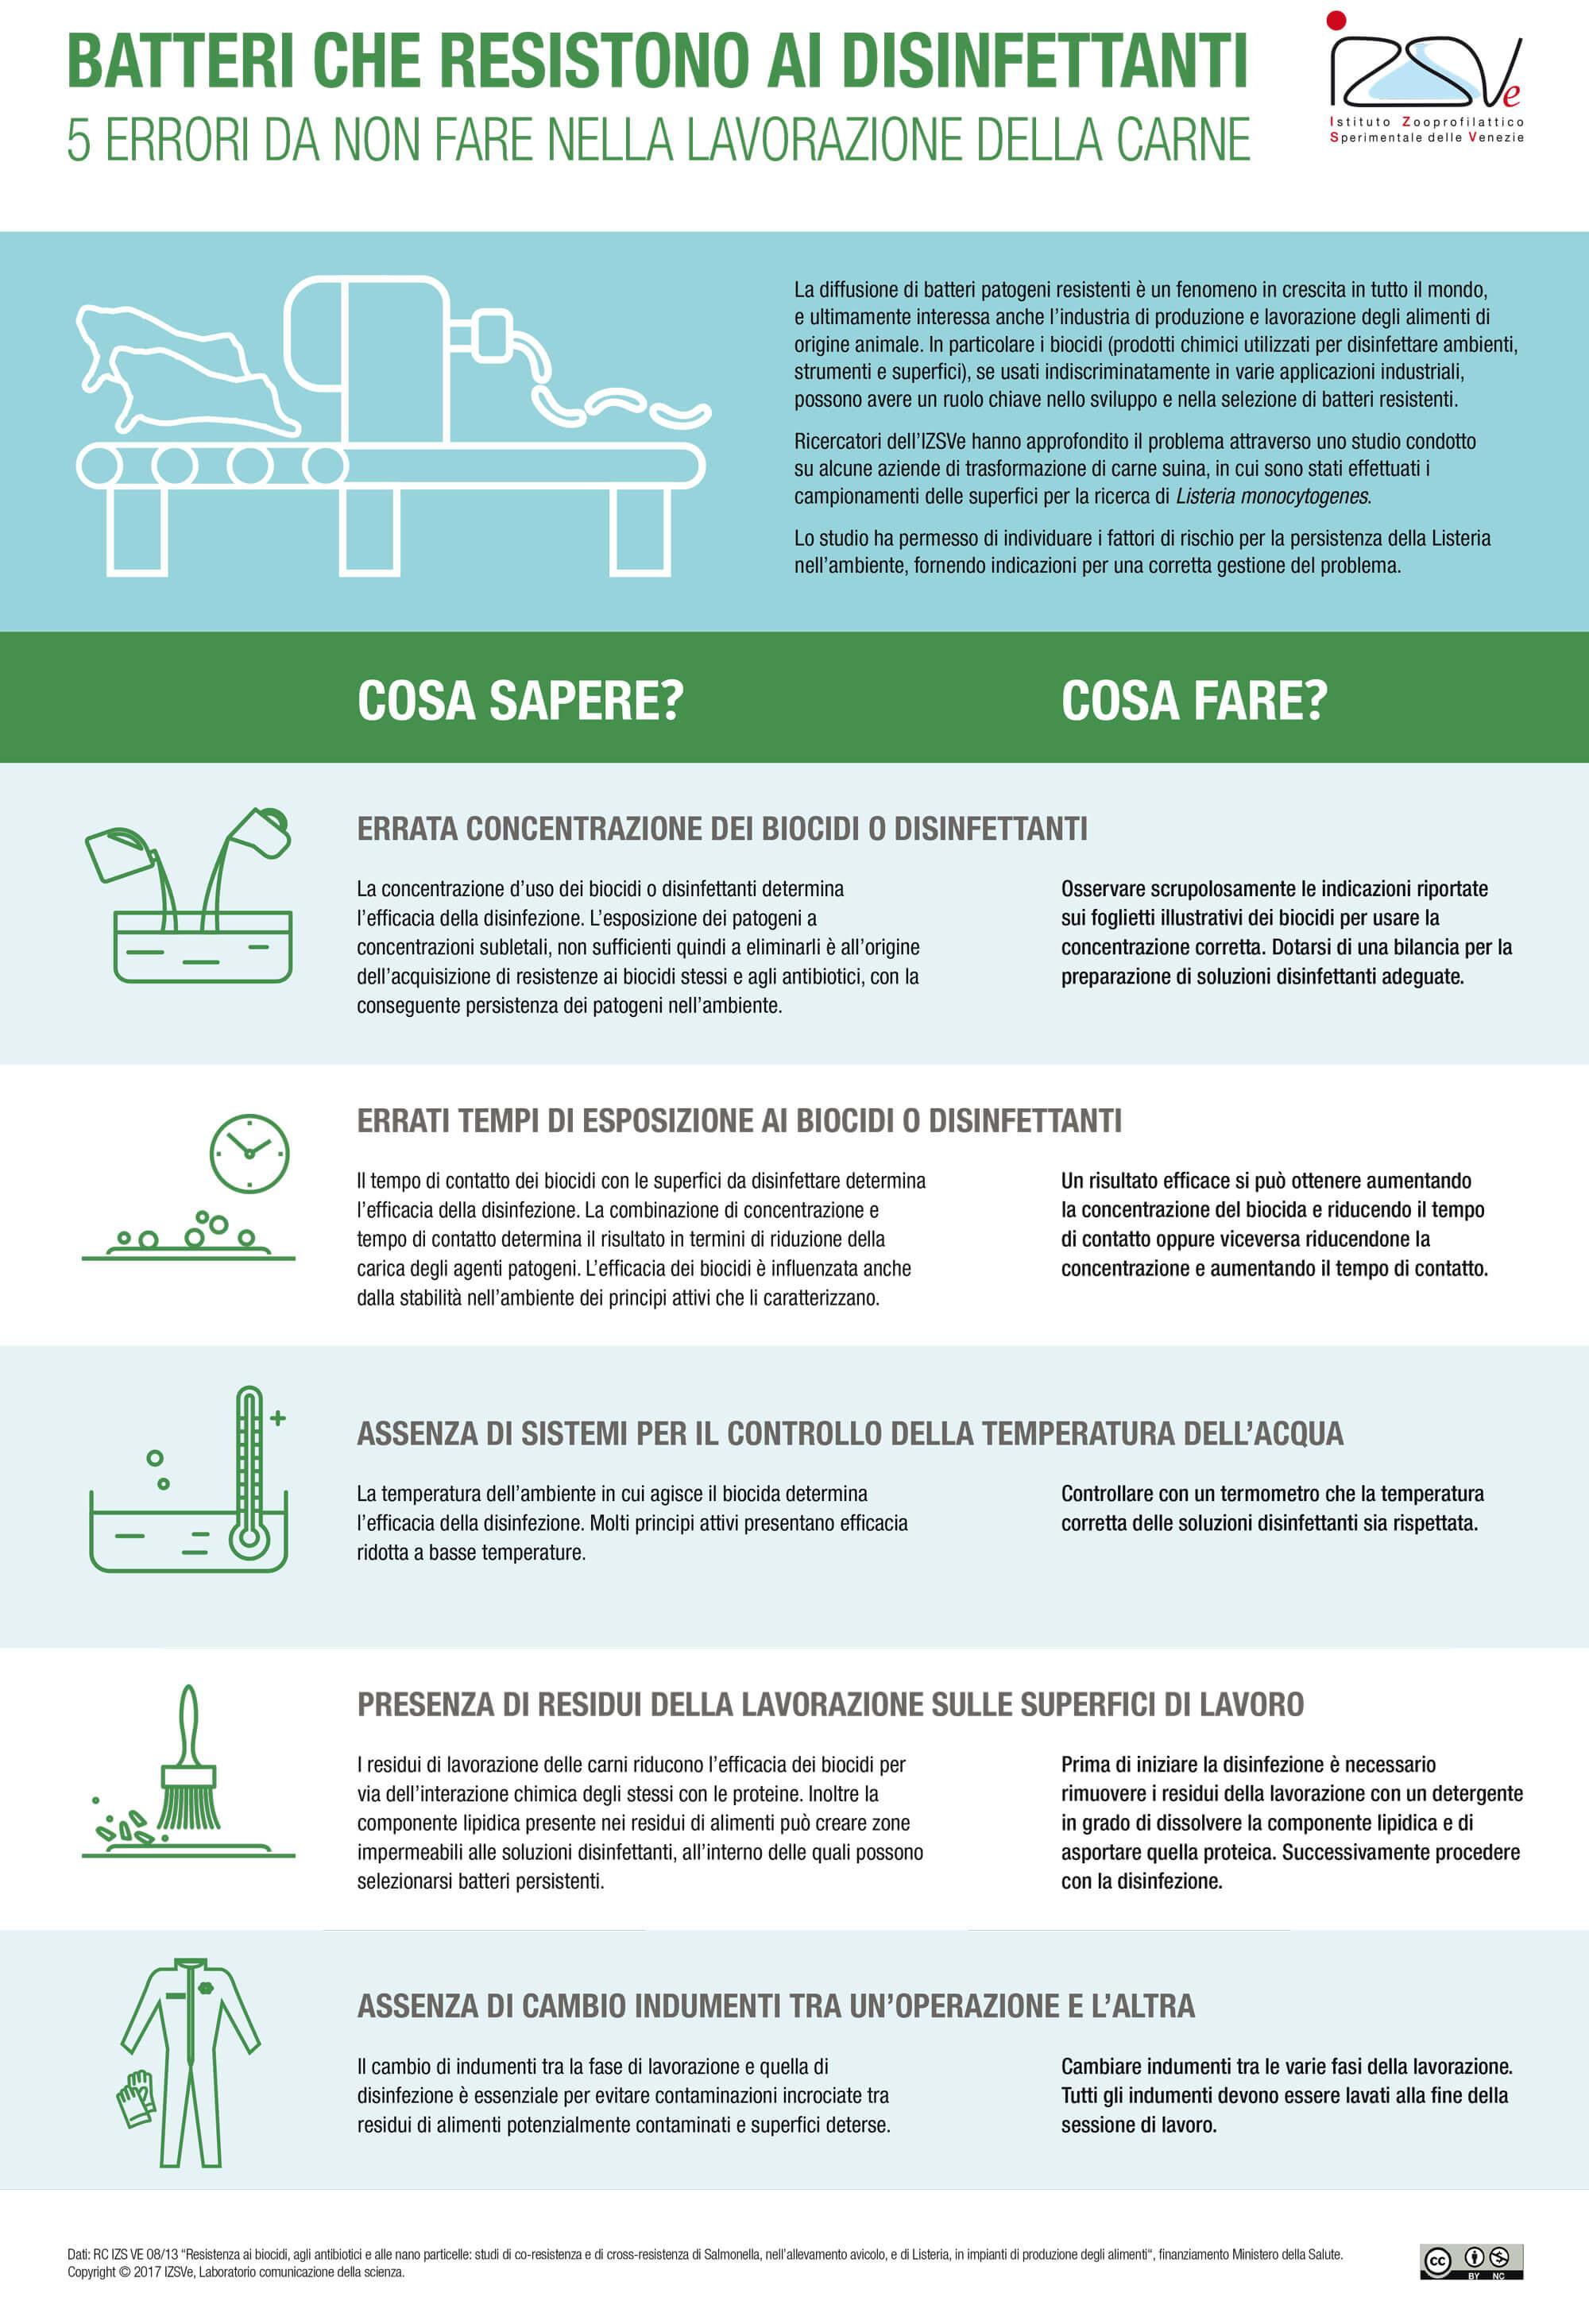 Batteri che resistono ai disinfettanti: comprendere e affrontare il fenomeno [infografica]